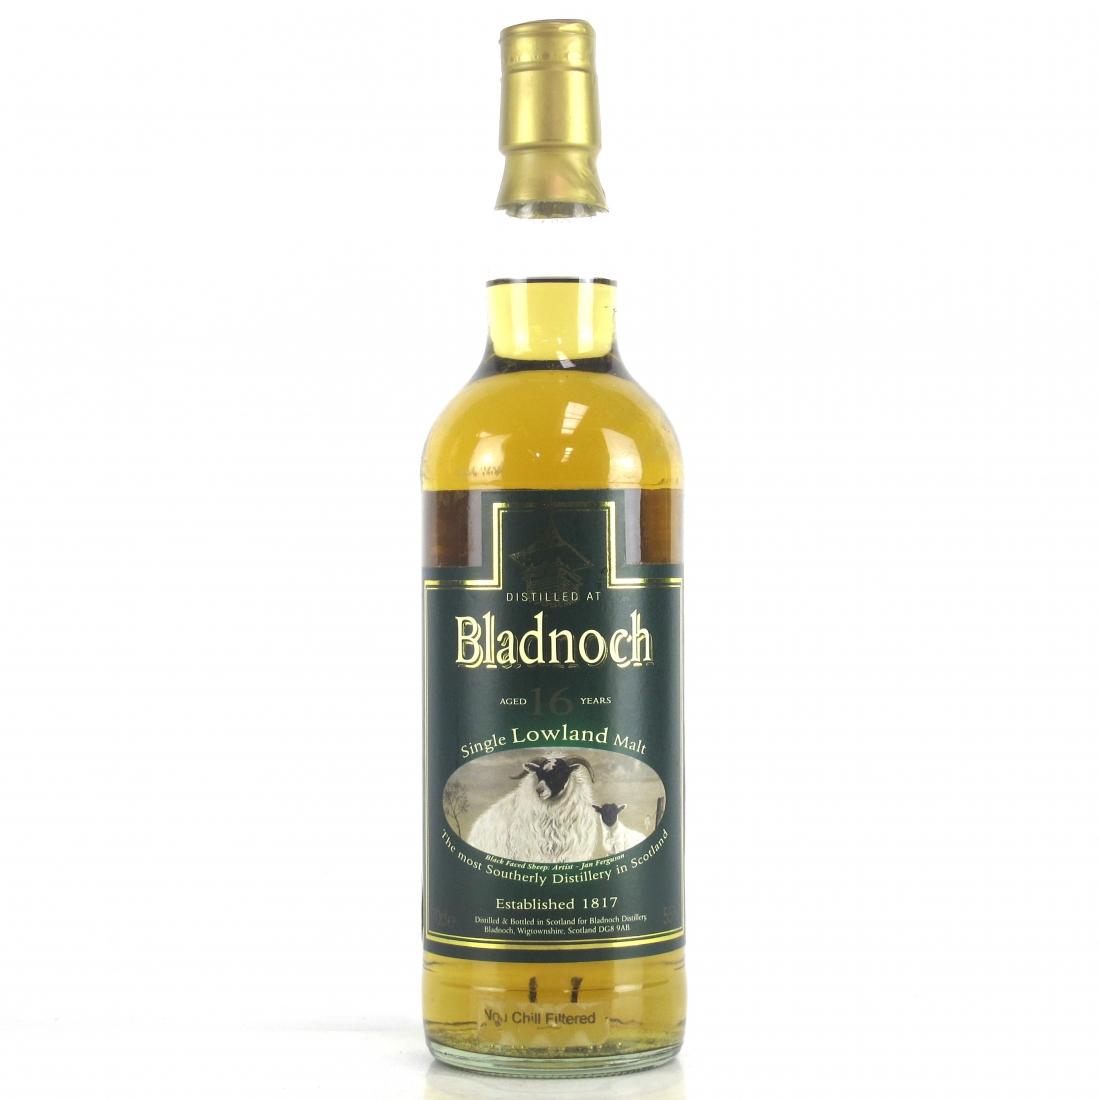 Bladnoch 16 Year Old Sheep Label